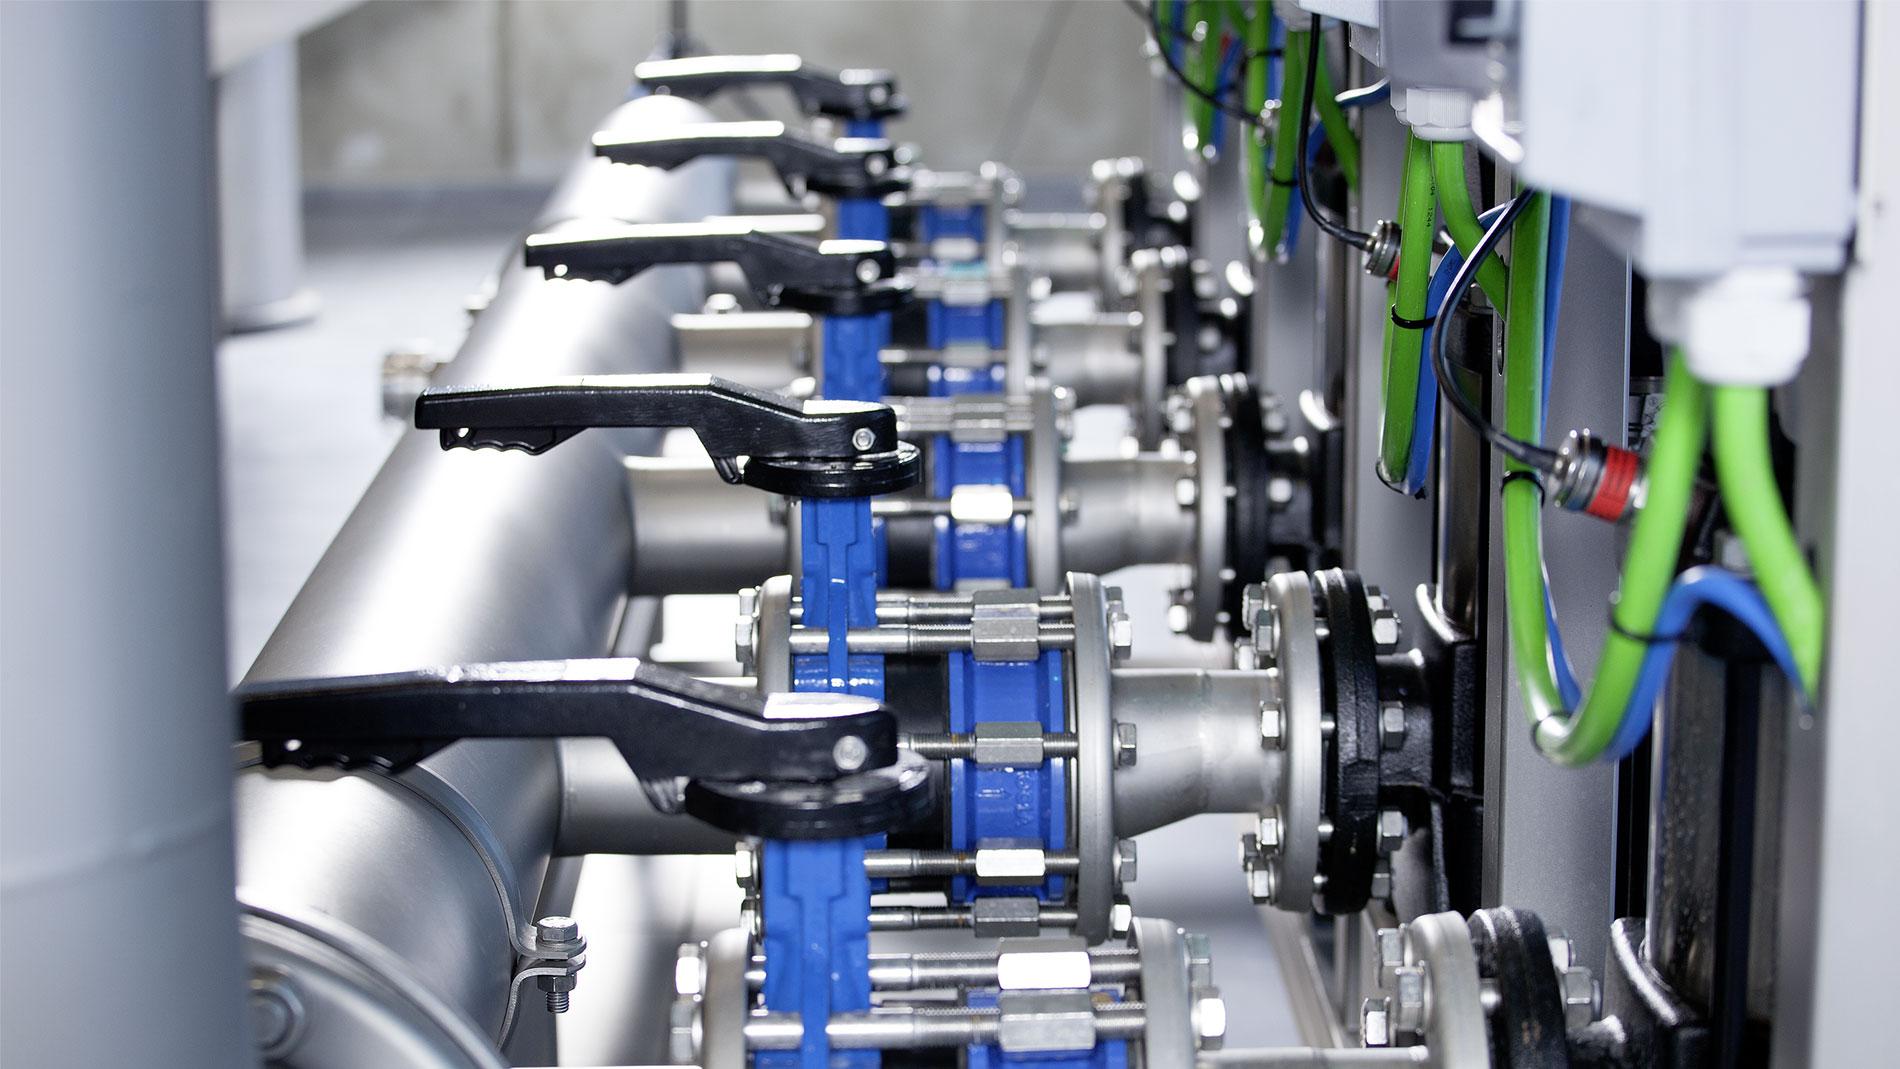 Højkvalitetsprodukter leveret til nyt vandværk